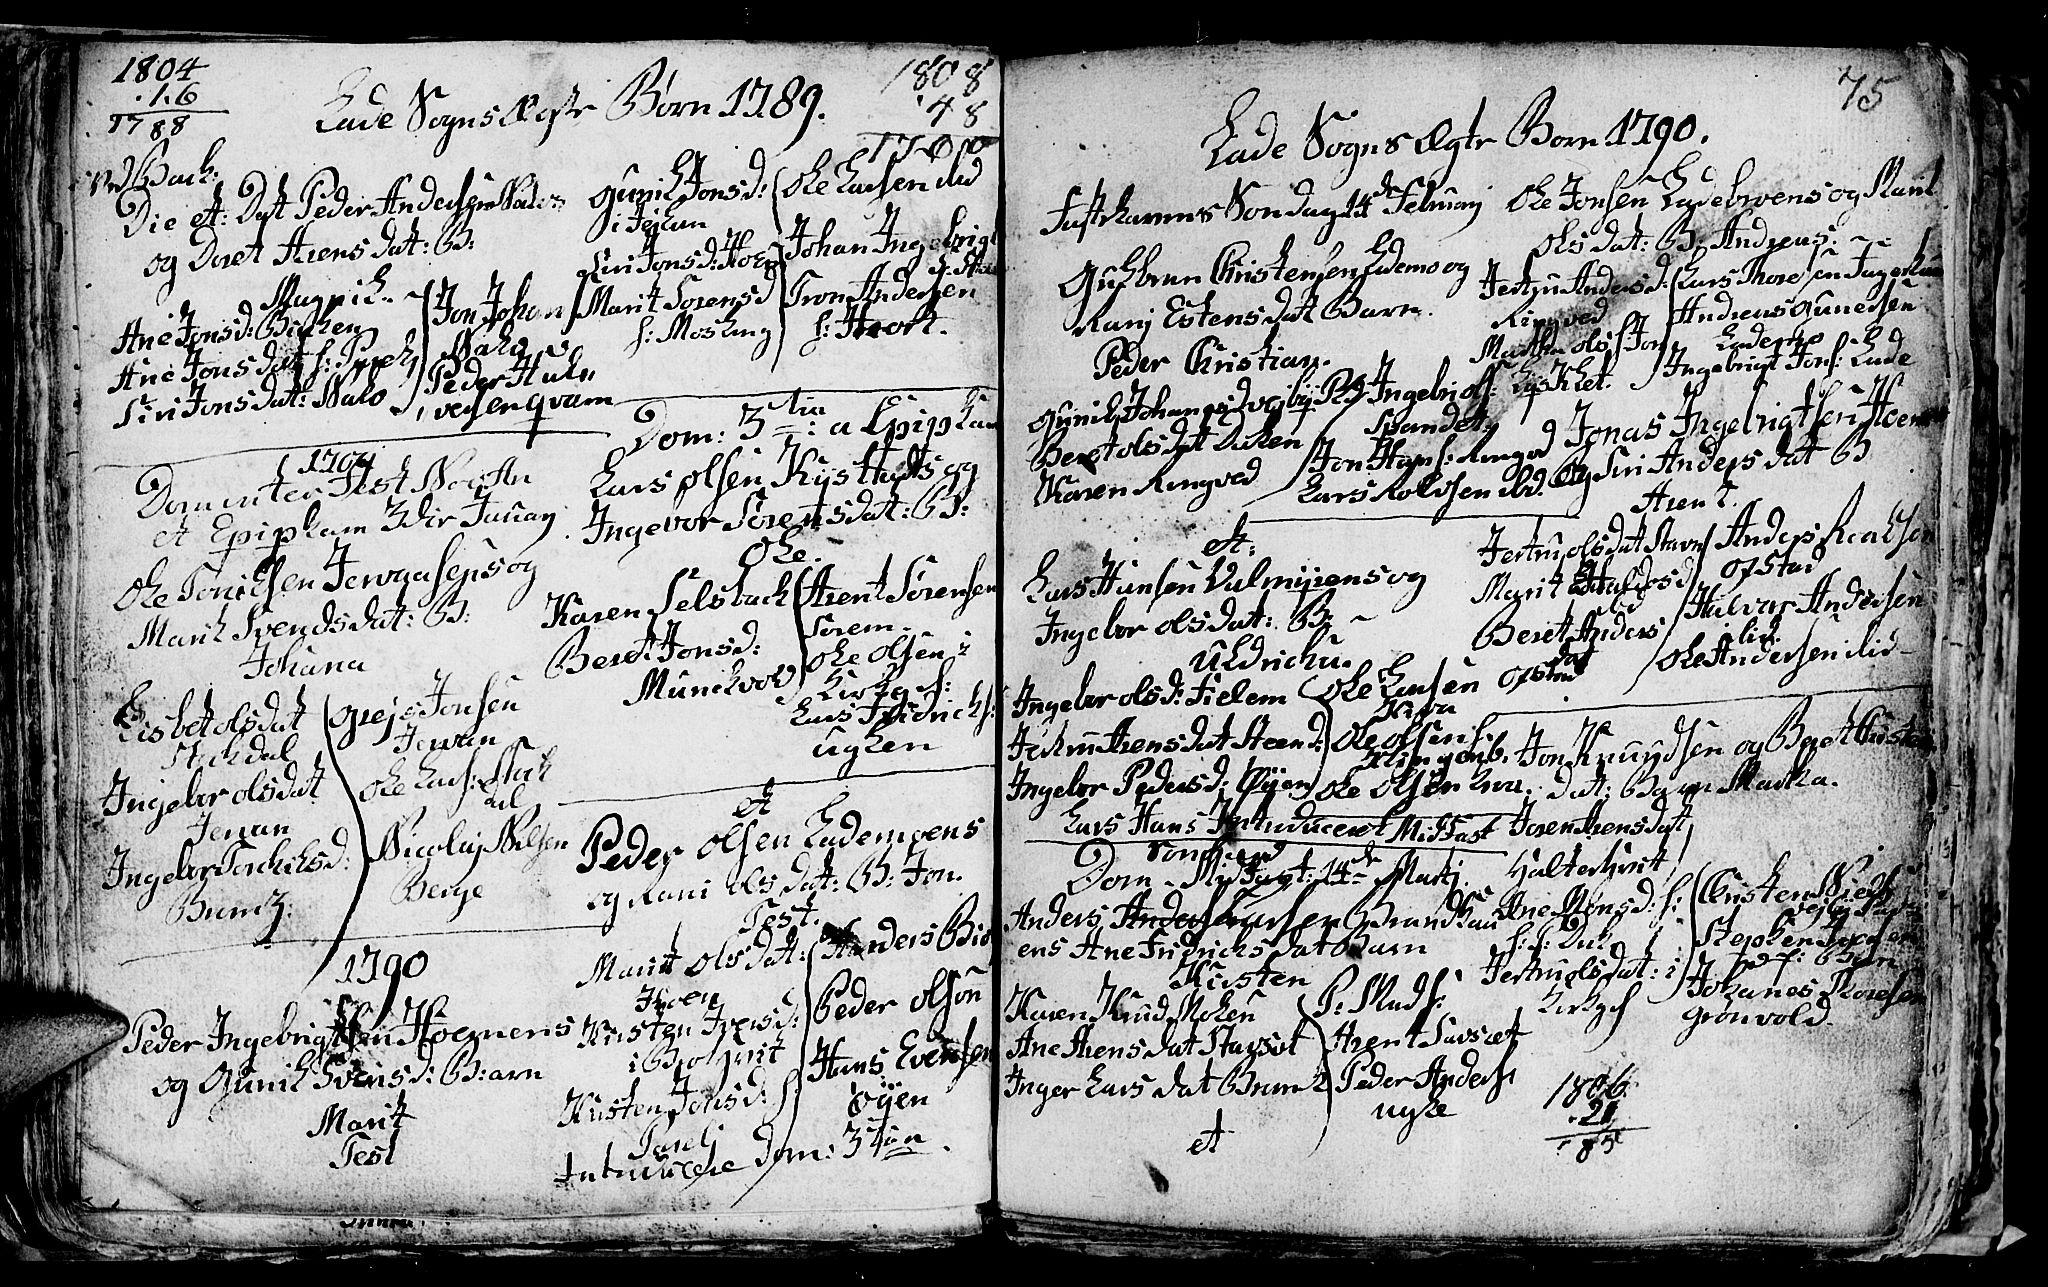 SAT, Ministerialprotokoller, klokkerbøker og fødselsregistre - Sør-Trøndelag, 606/L0305: Klokkerbok nr. 606C01, 1757-1819, s. 75